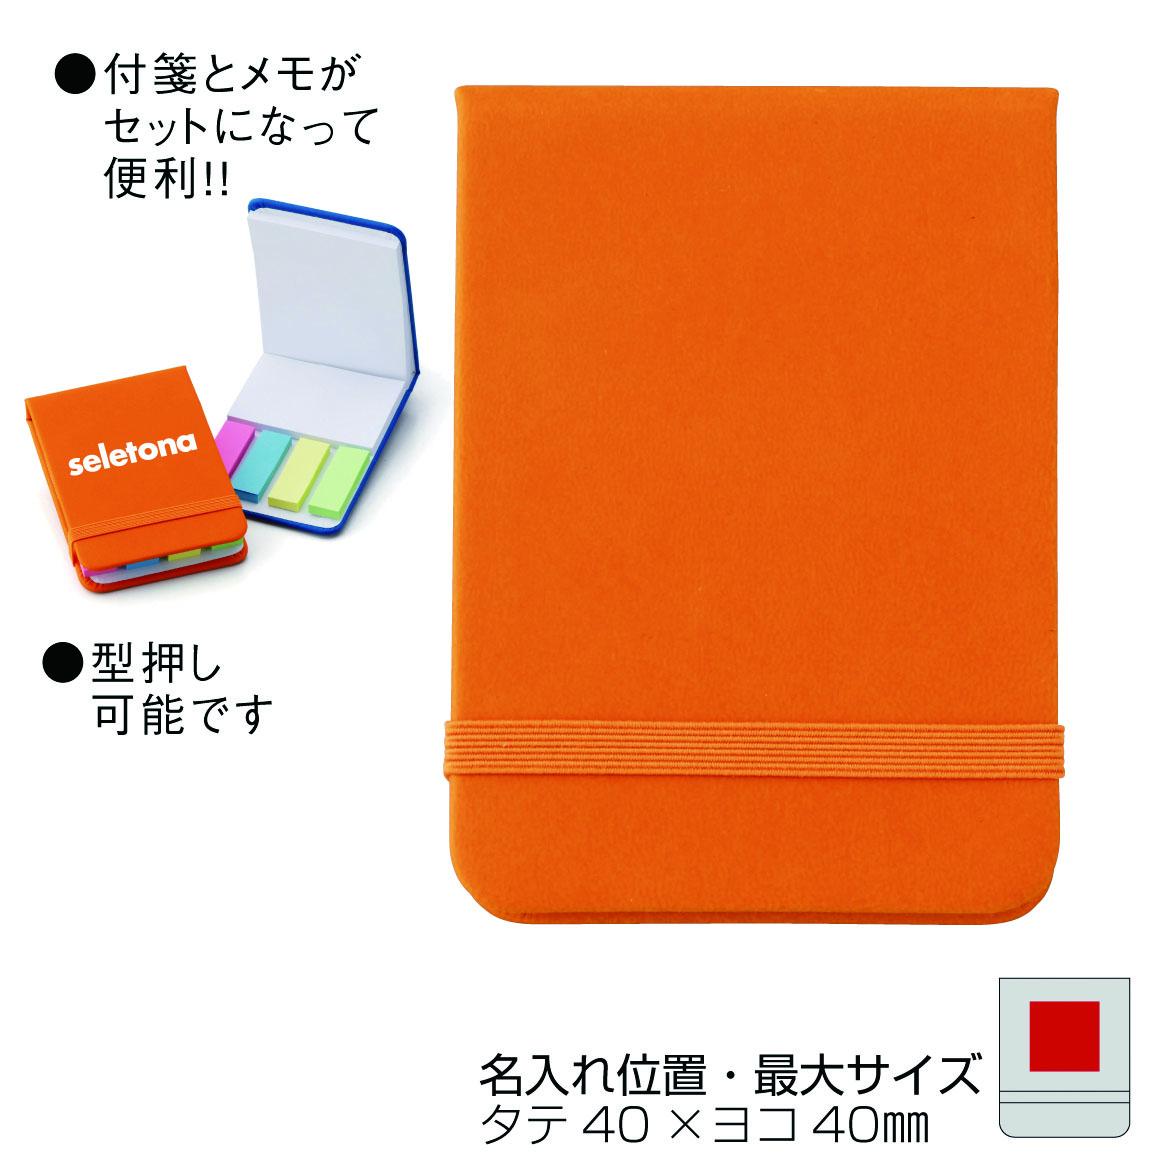 セルトナ・ハードカバー付箋セット(オレンジ)